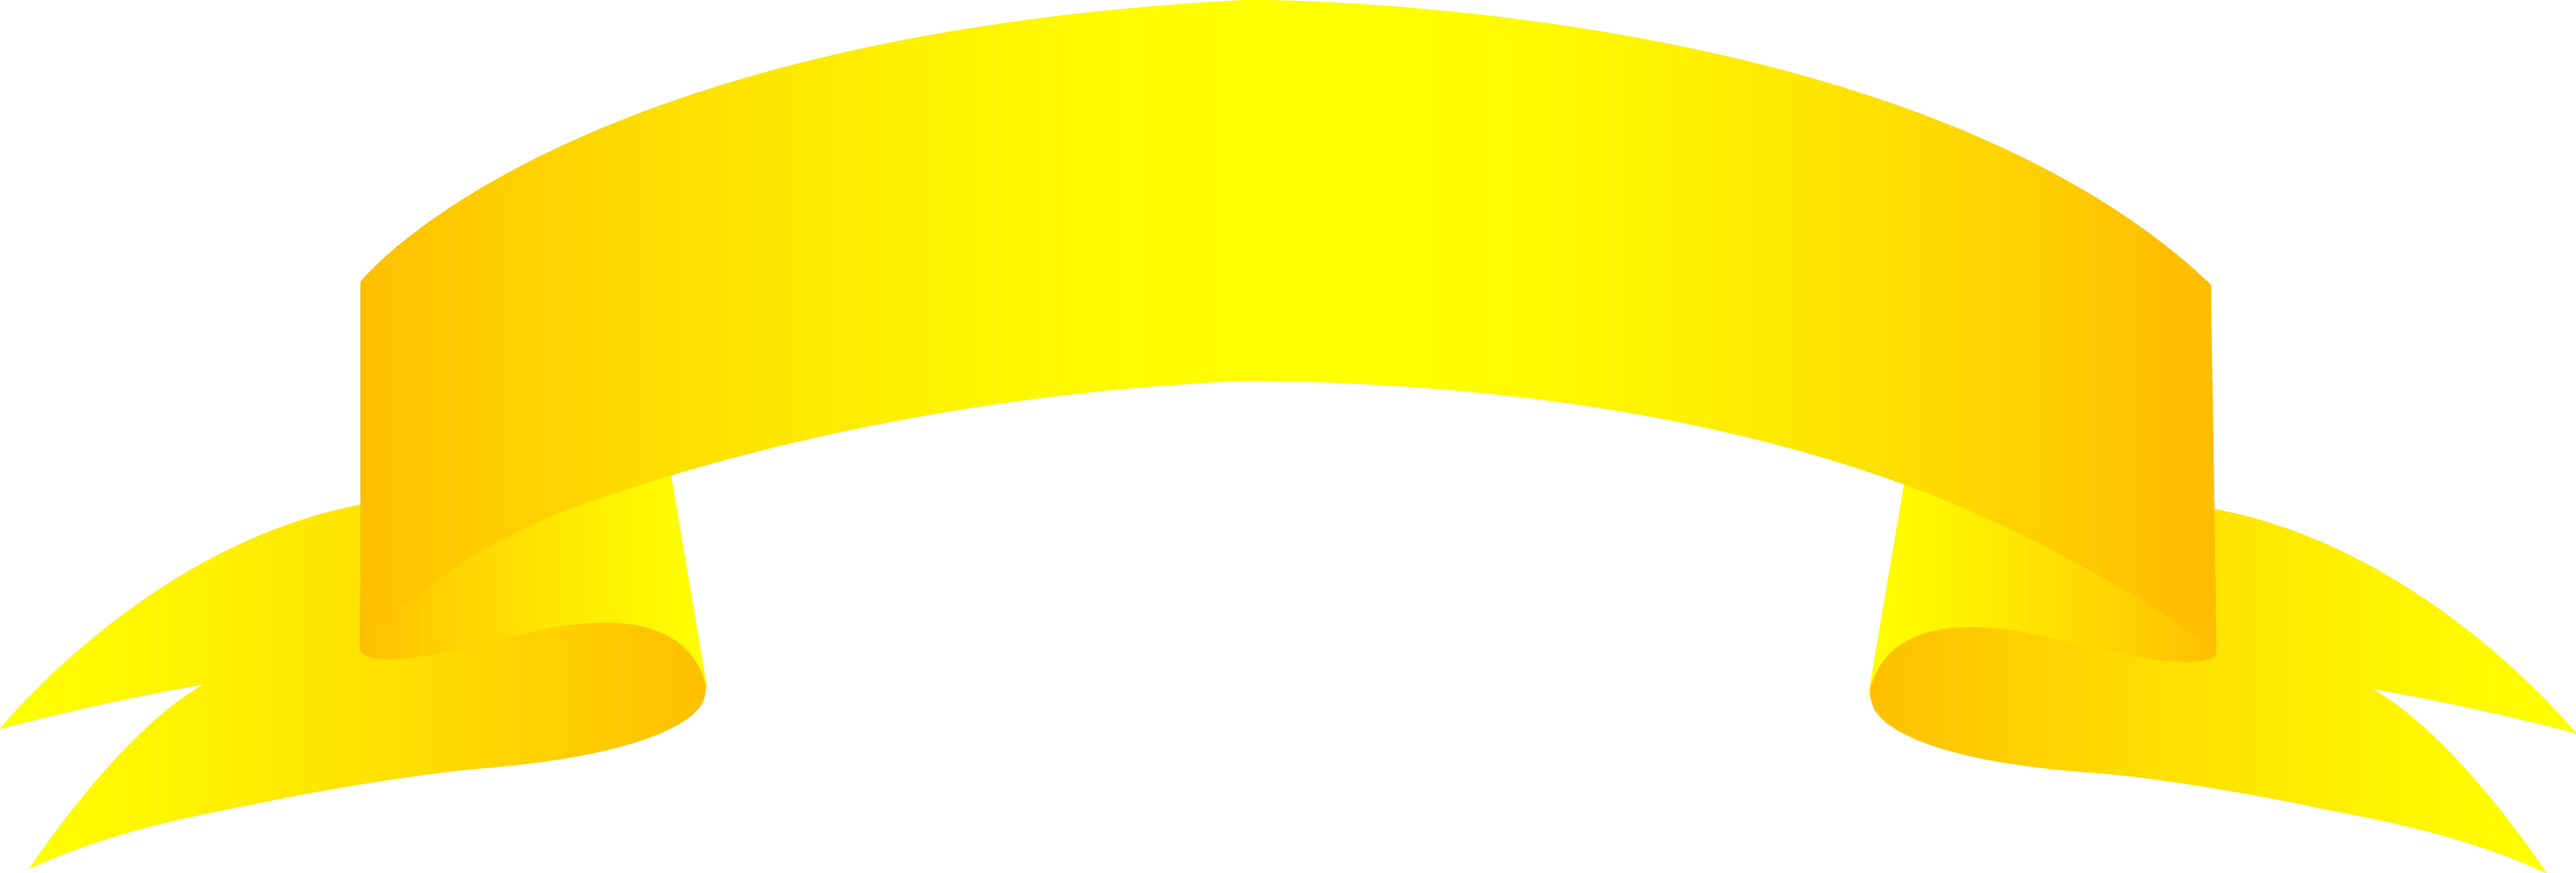 9356x3172 Banner Gold Clip Art